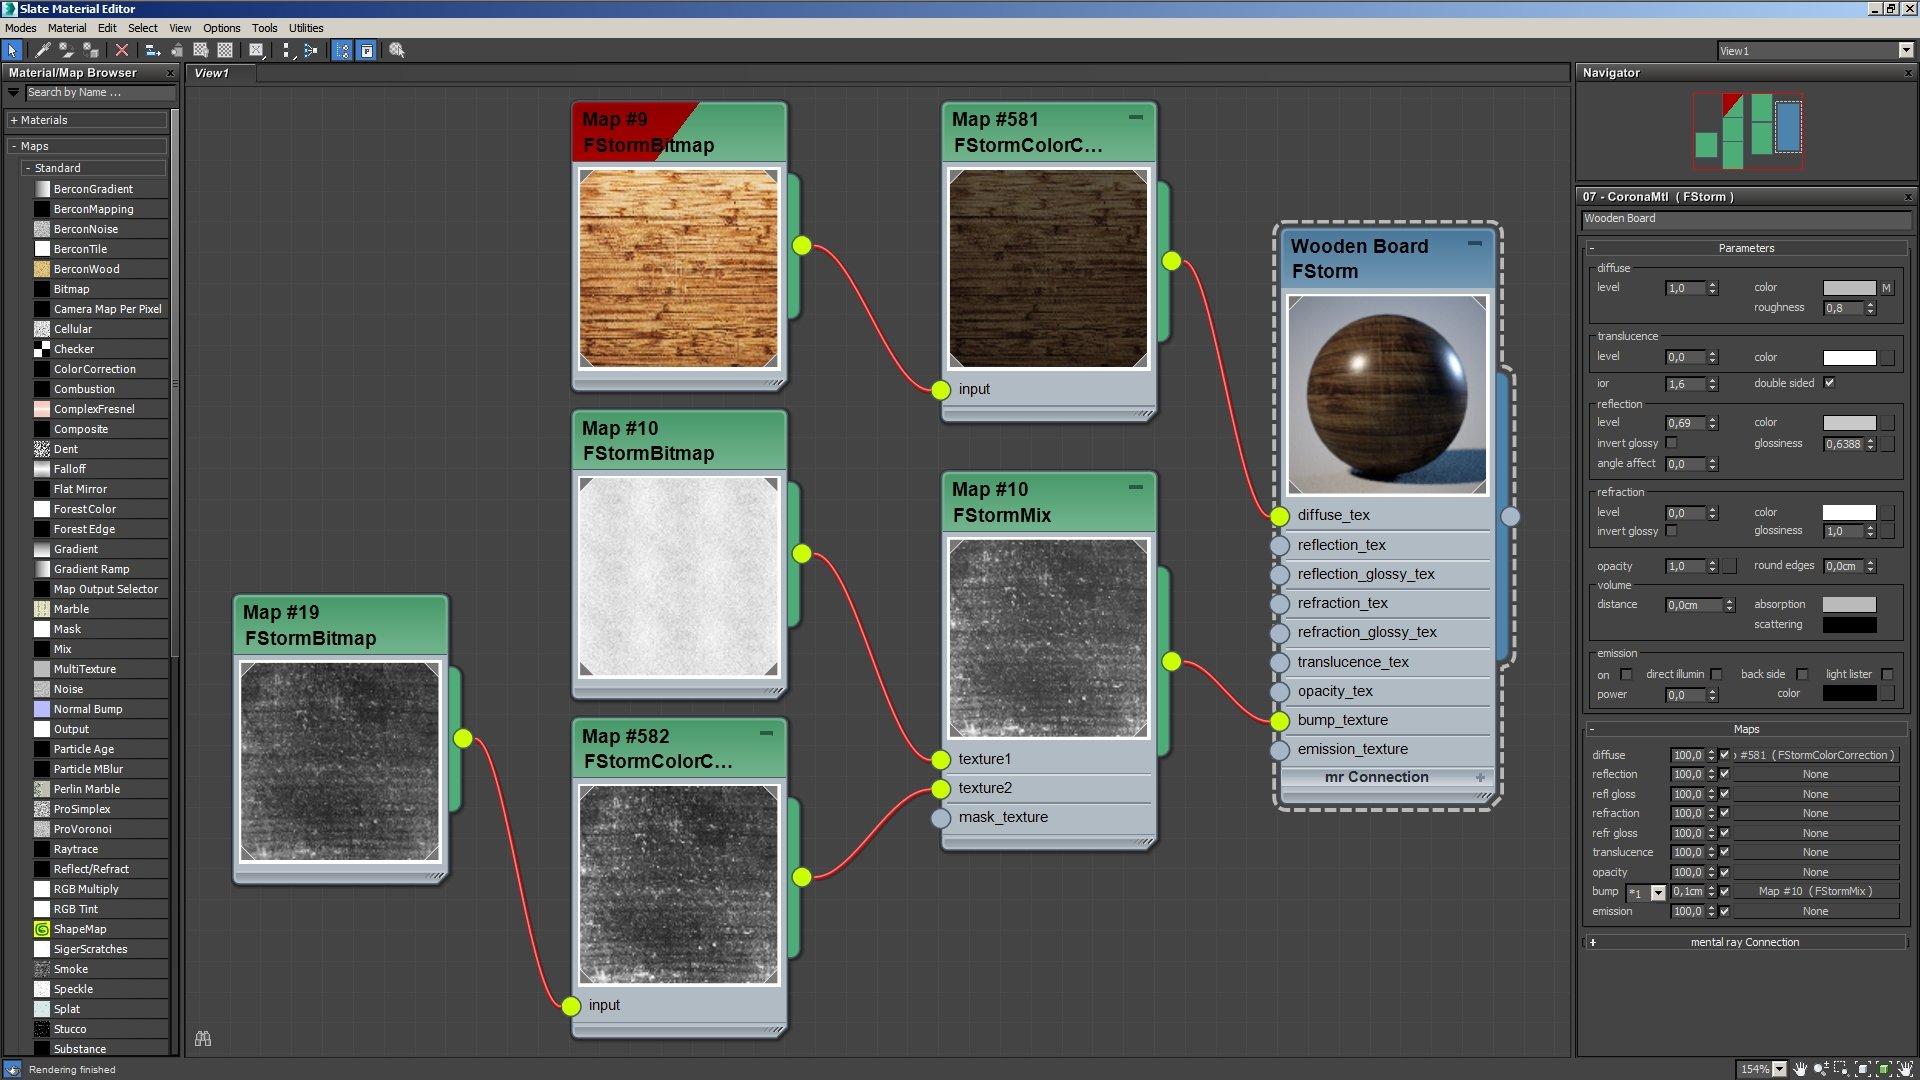 Wooden_board_mat_evermotion_833.jpg